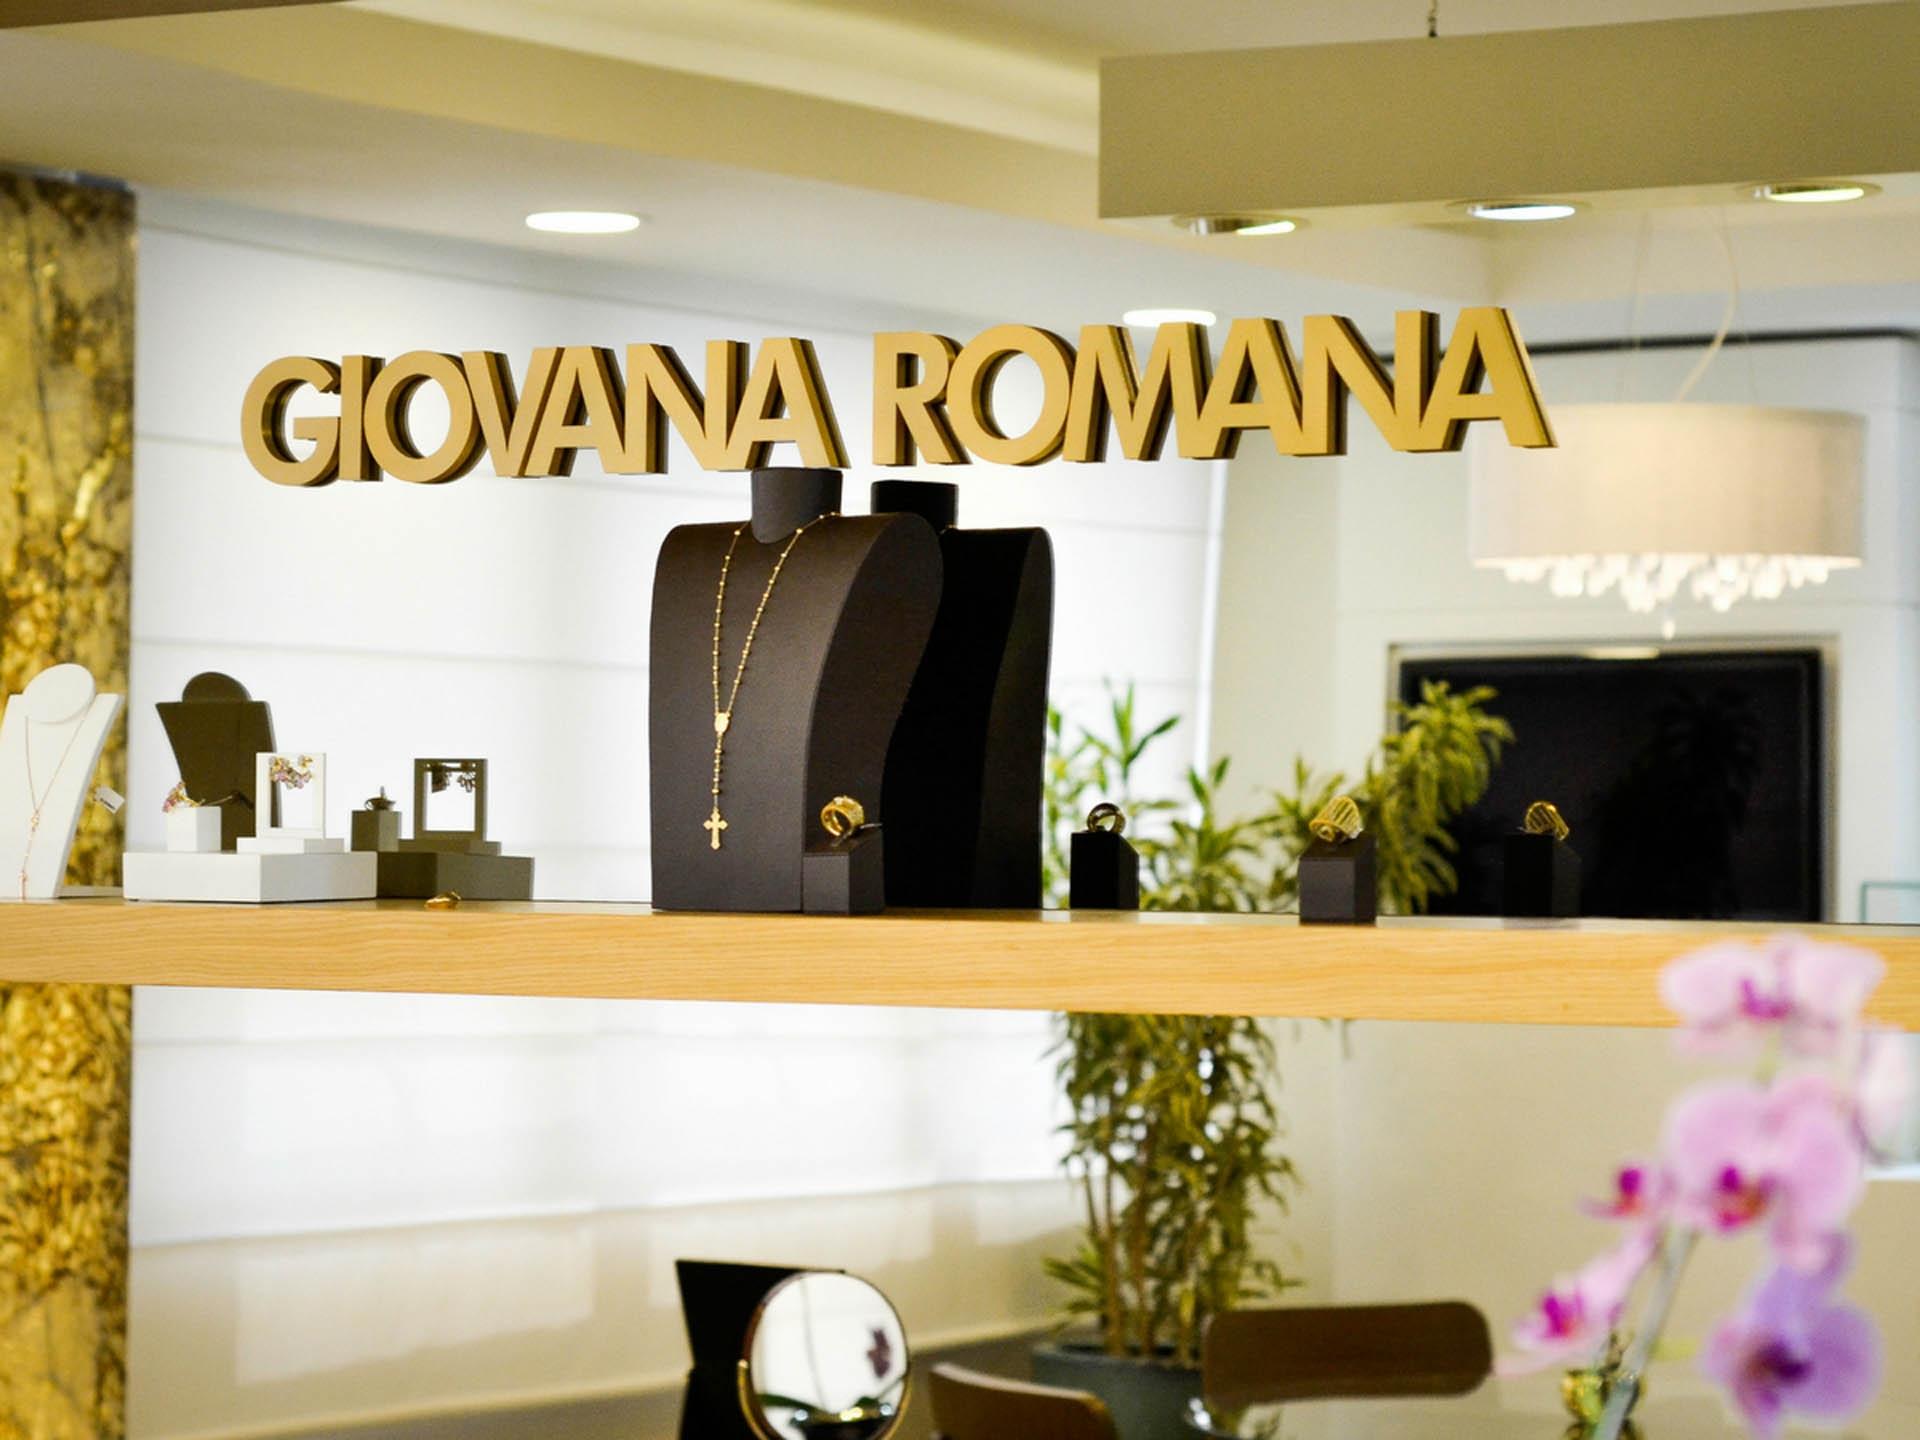 Giovana Romana